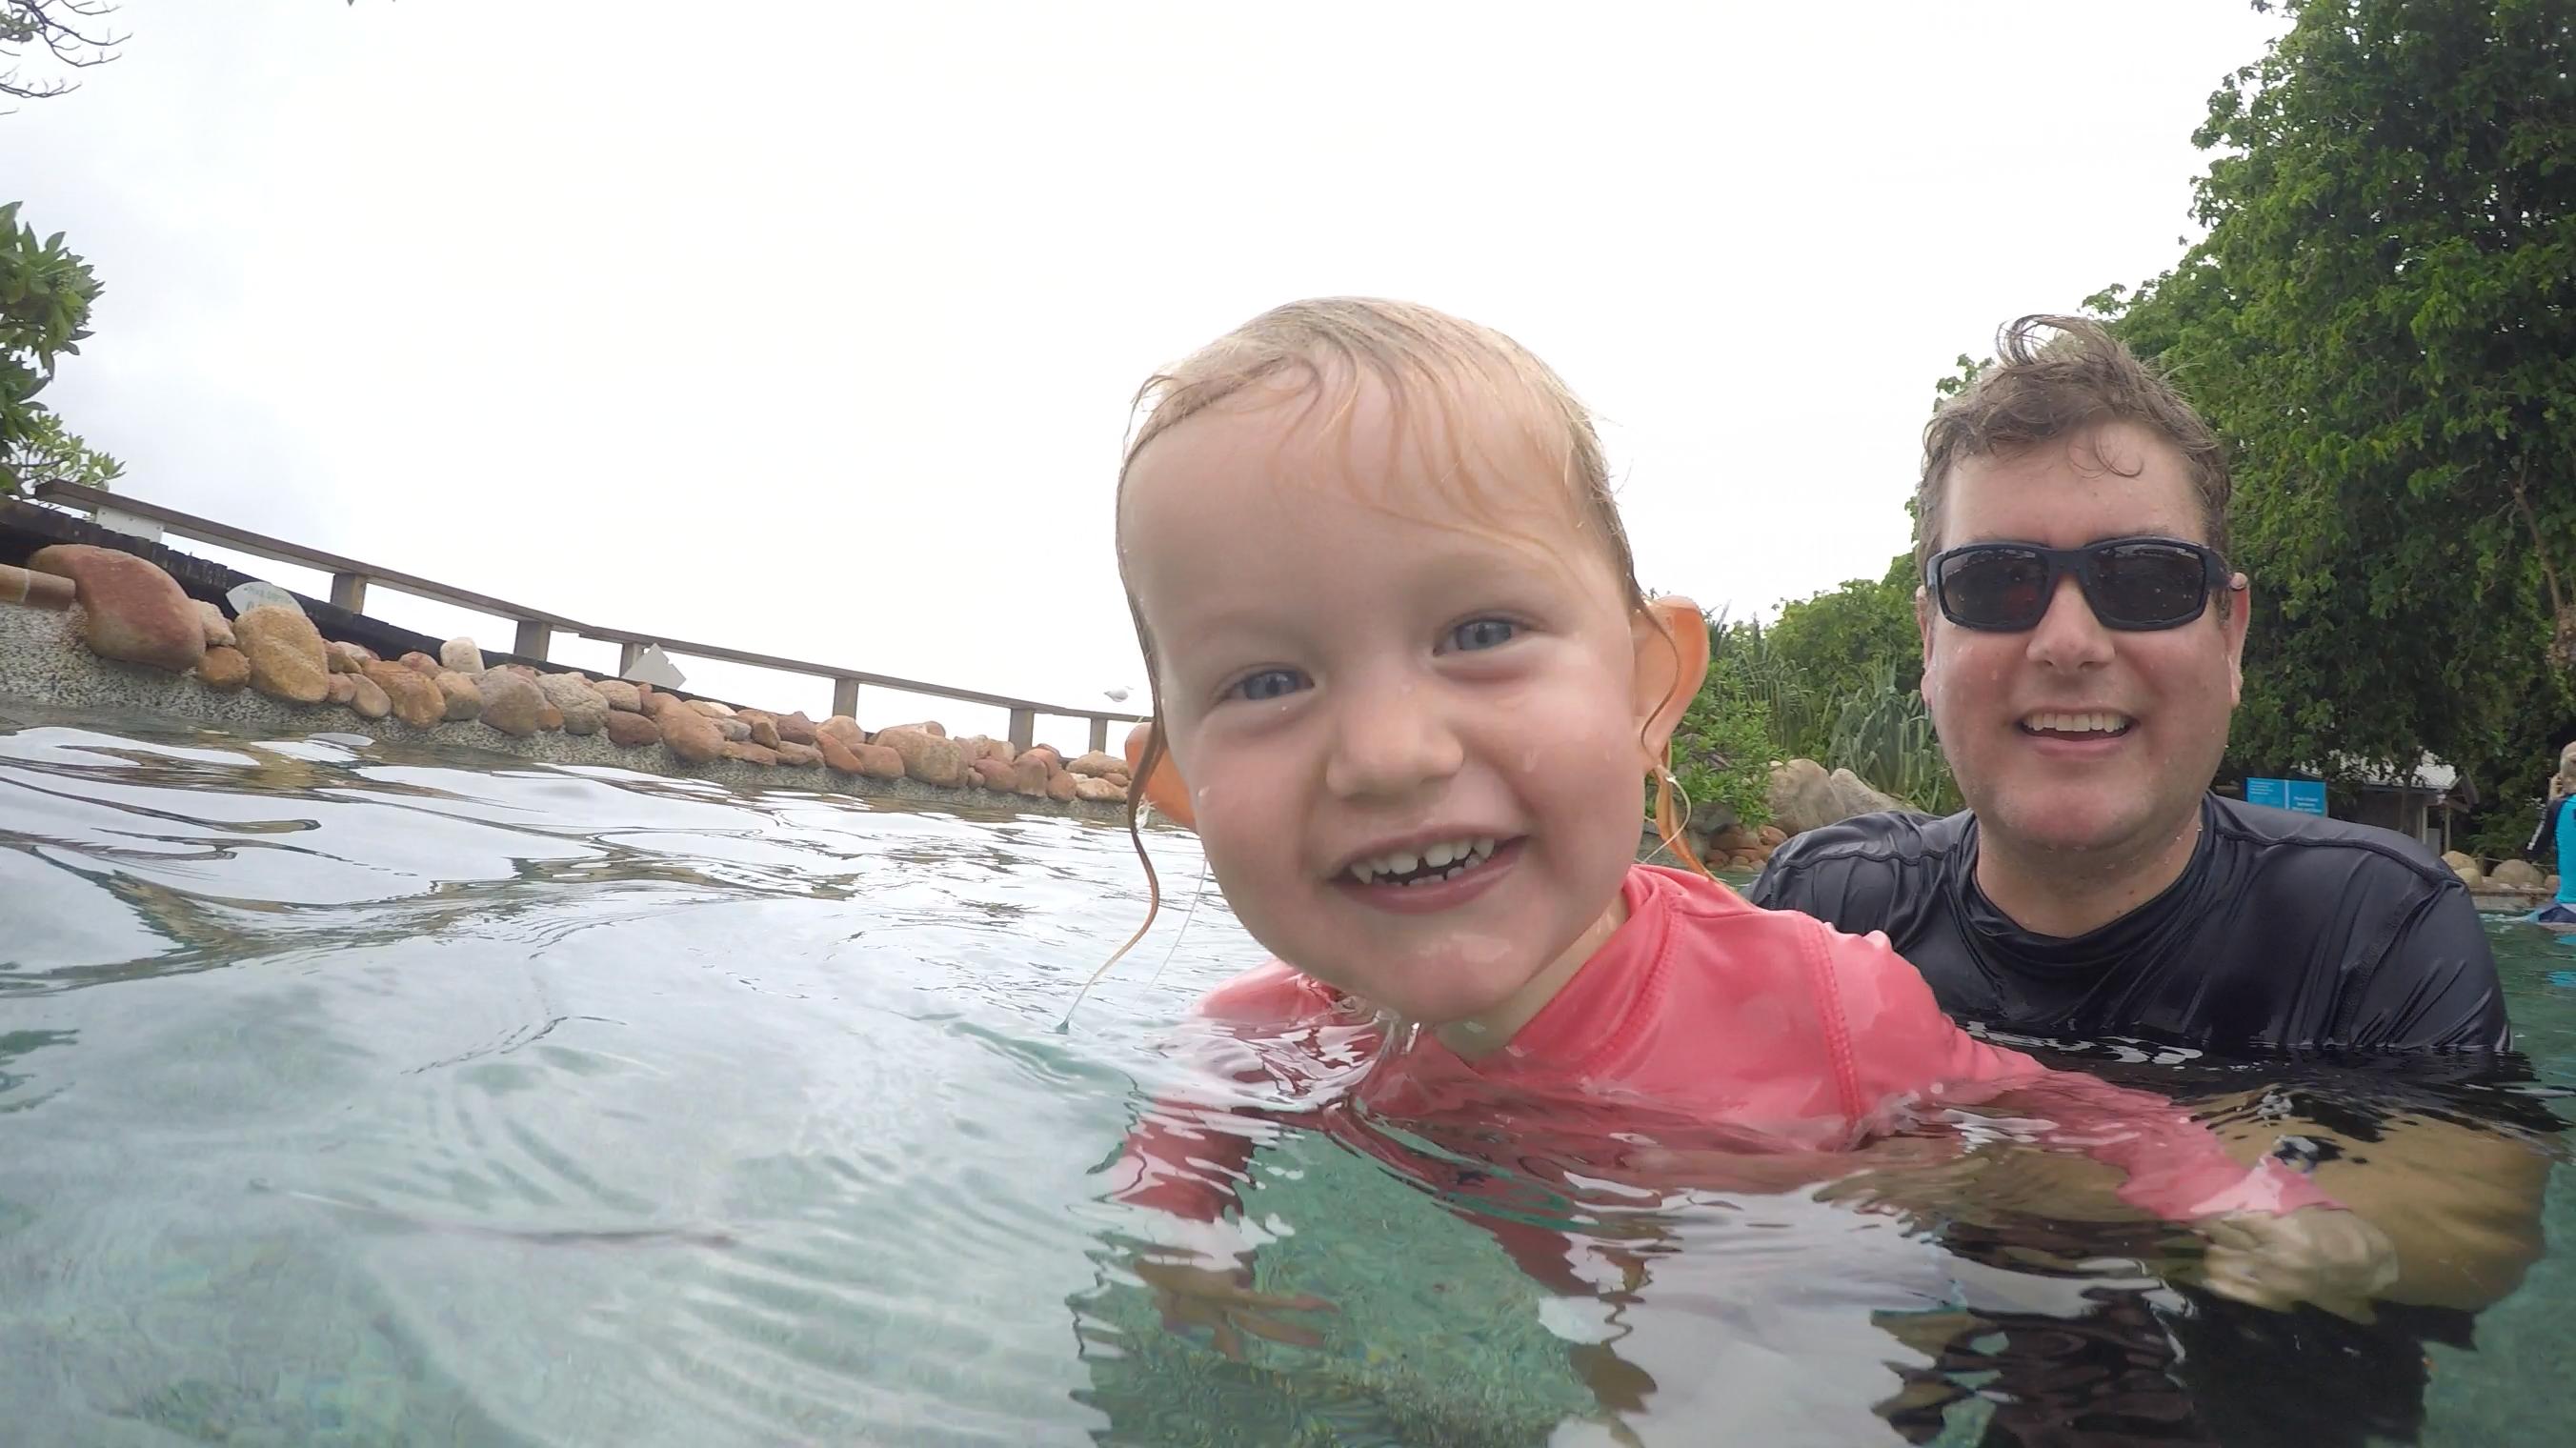 Pool fun!